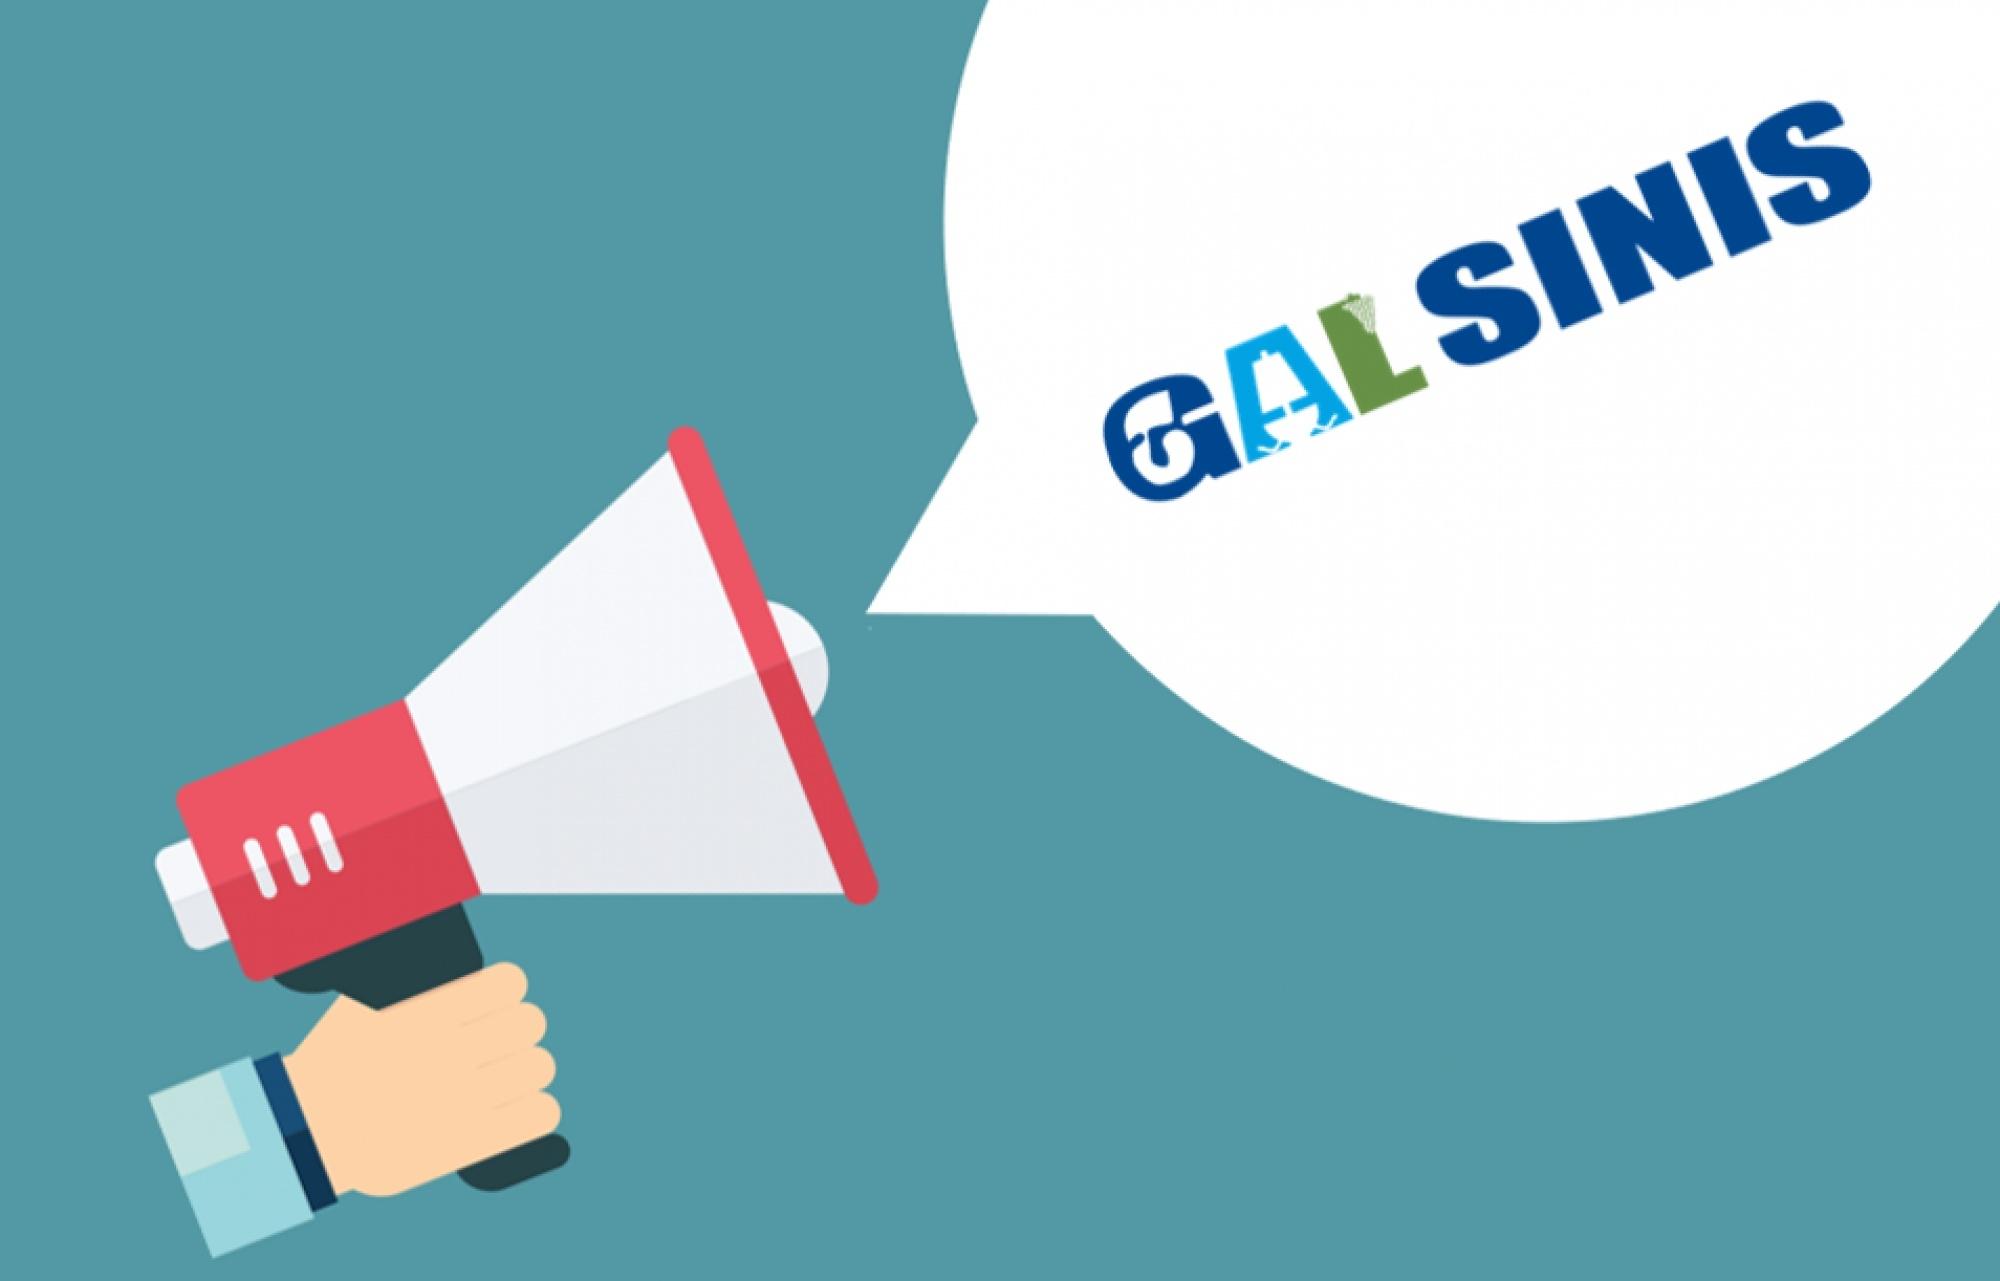 GAL Sinis | Misure di prevenzione dal virus COVID-19